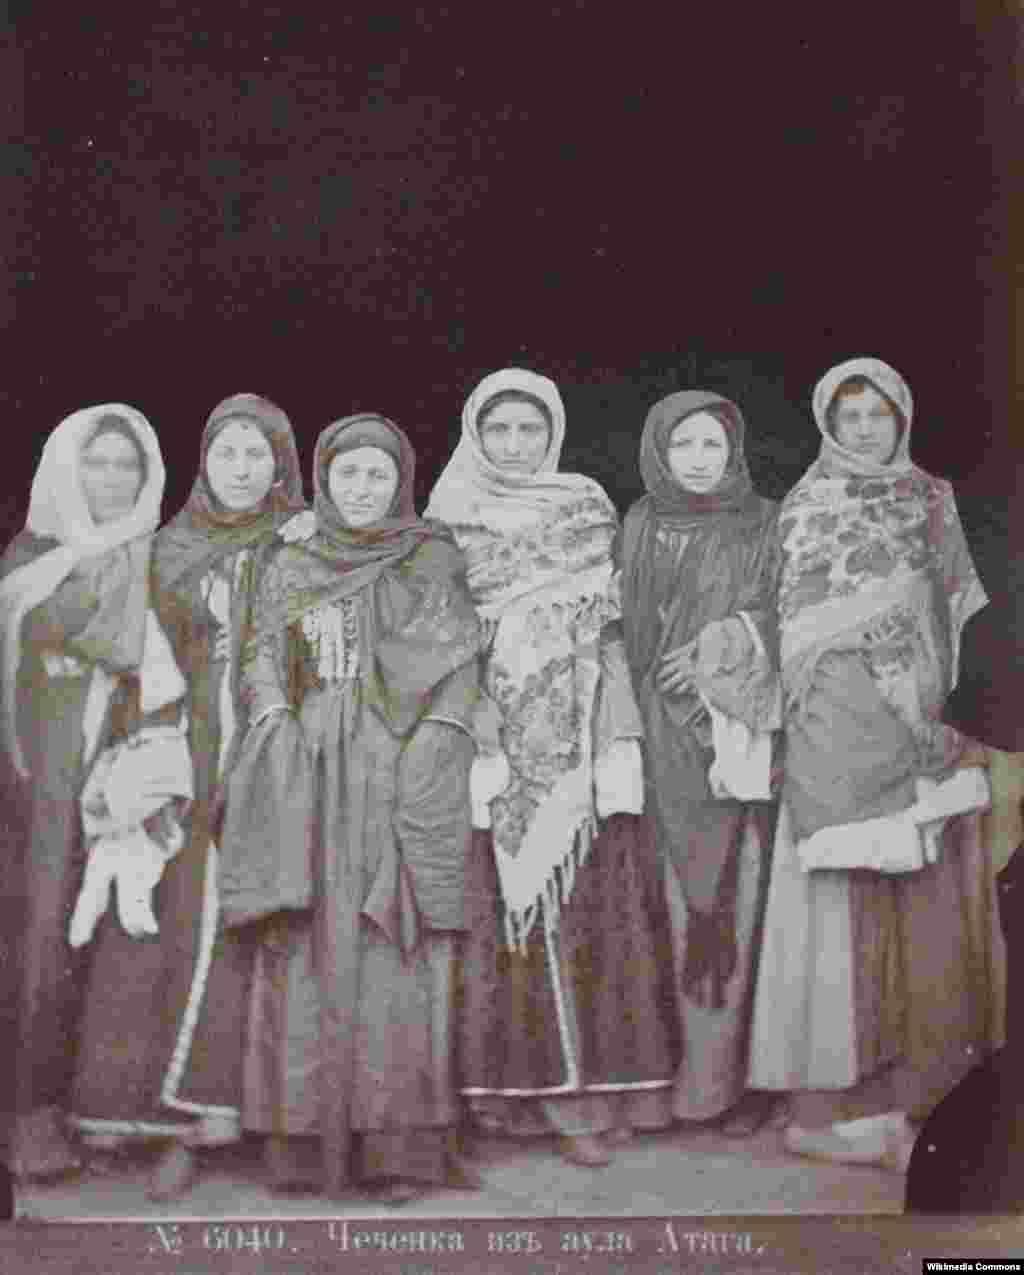 Чеченки з аулу Атаги. Фотографія Д. Єрмакова